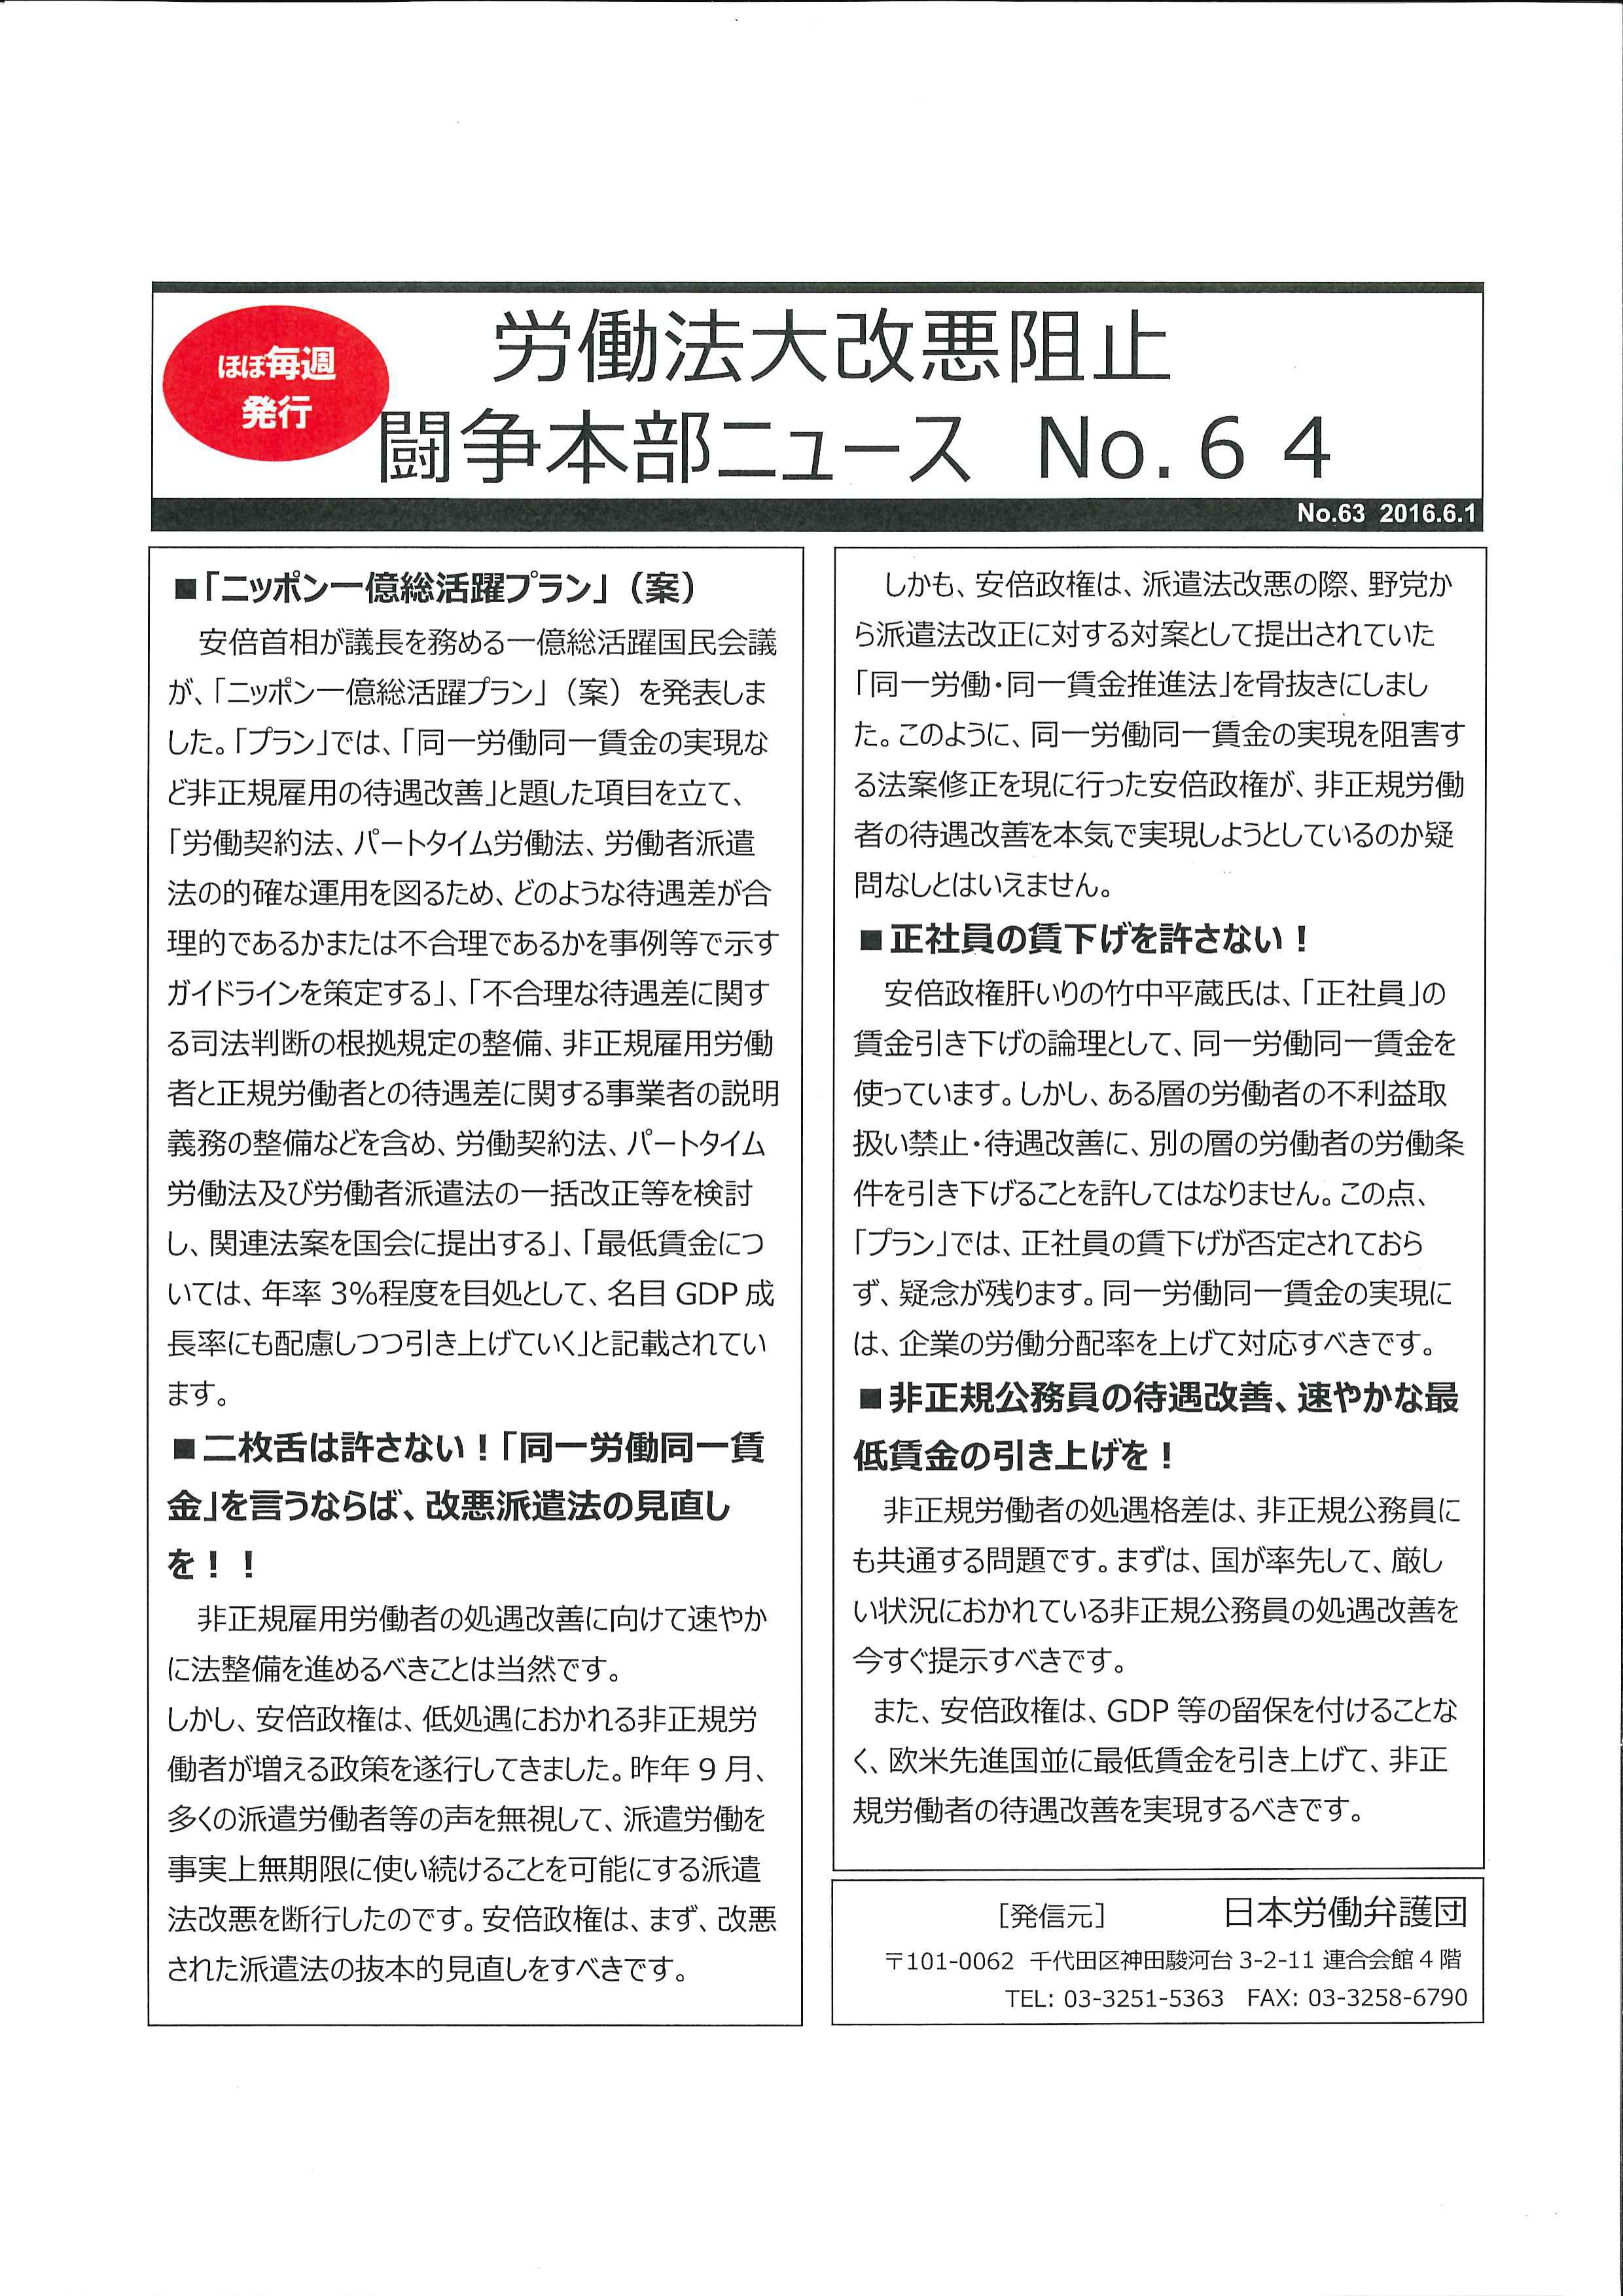 労弁闘争本部ニュース第64号